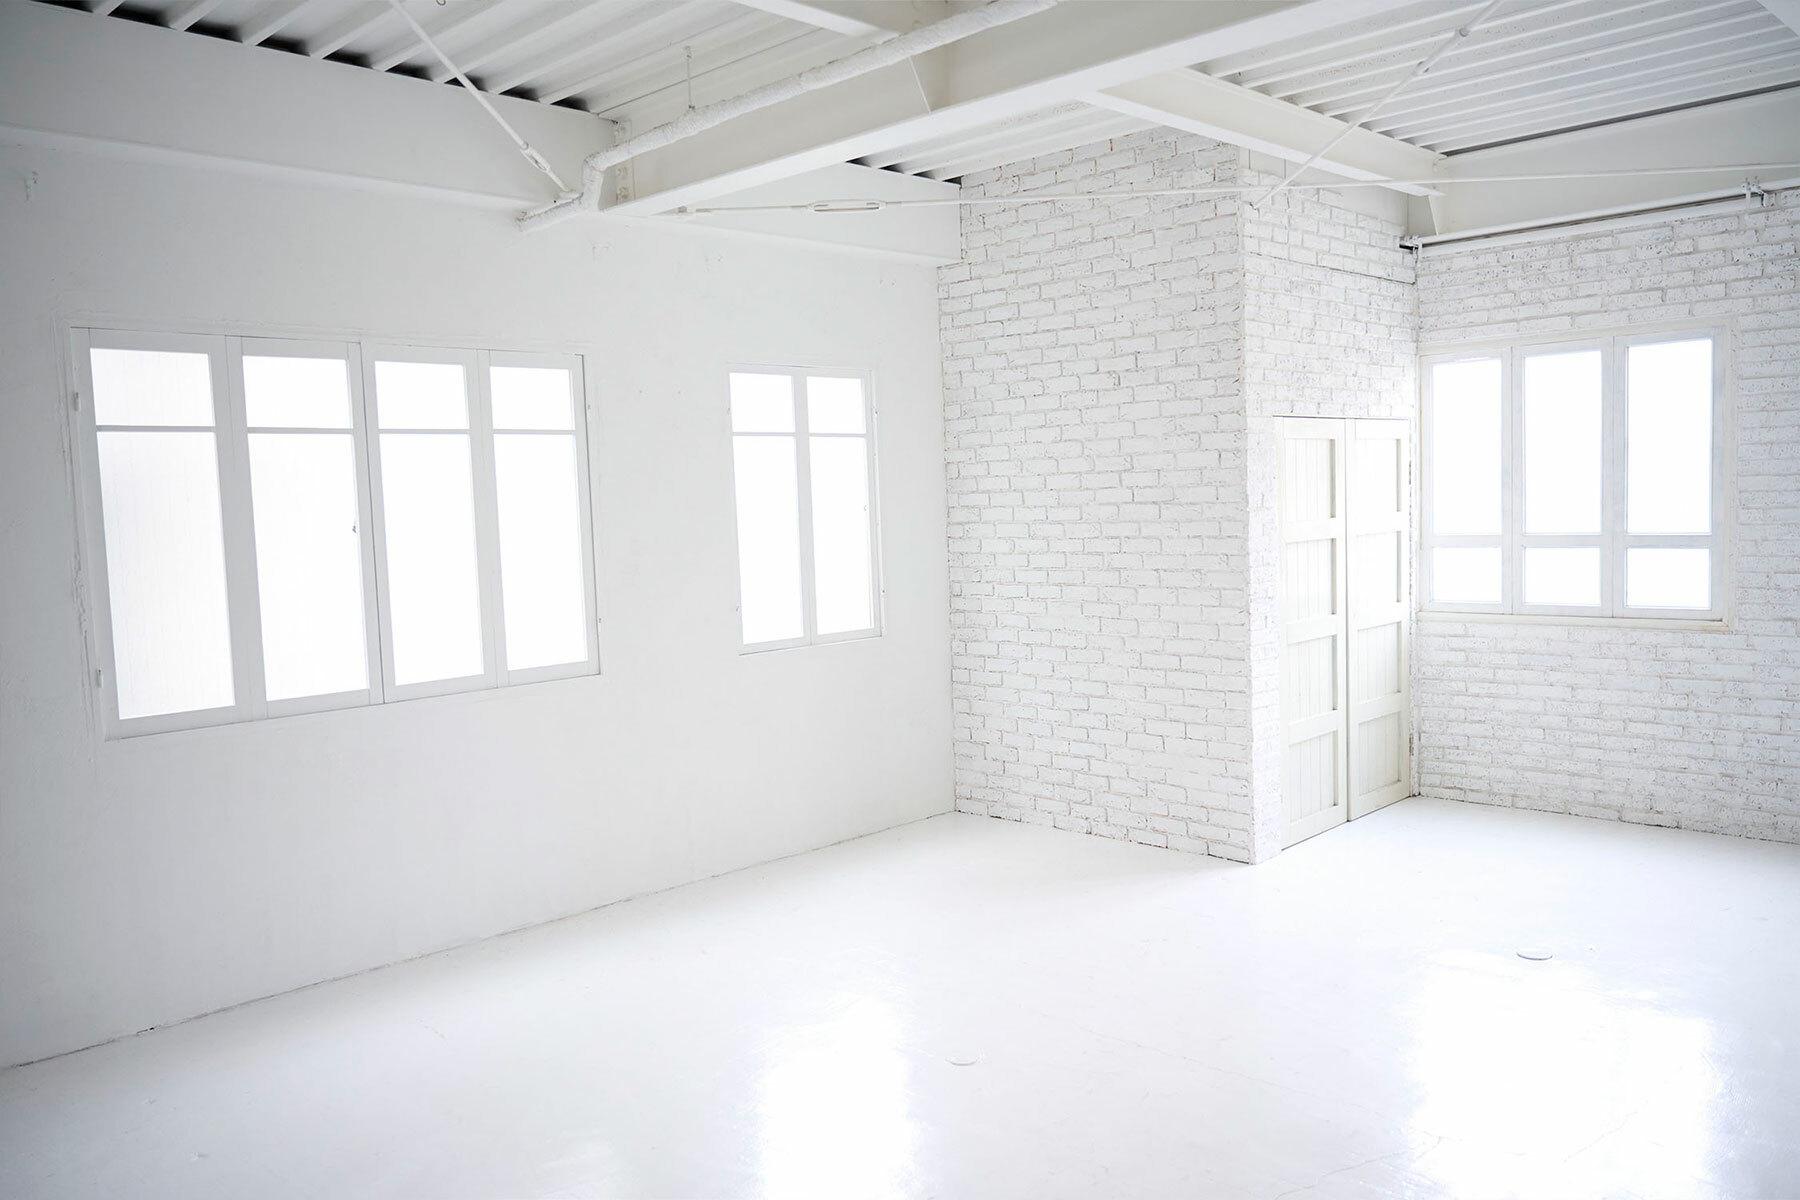 STUDIO FOGLIA 2st (スタジオ フォグリア 2st)ナチュラルな白い板壁